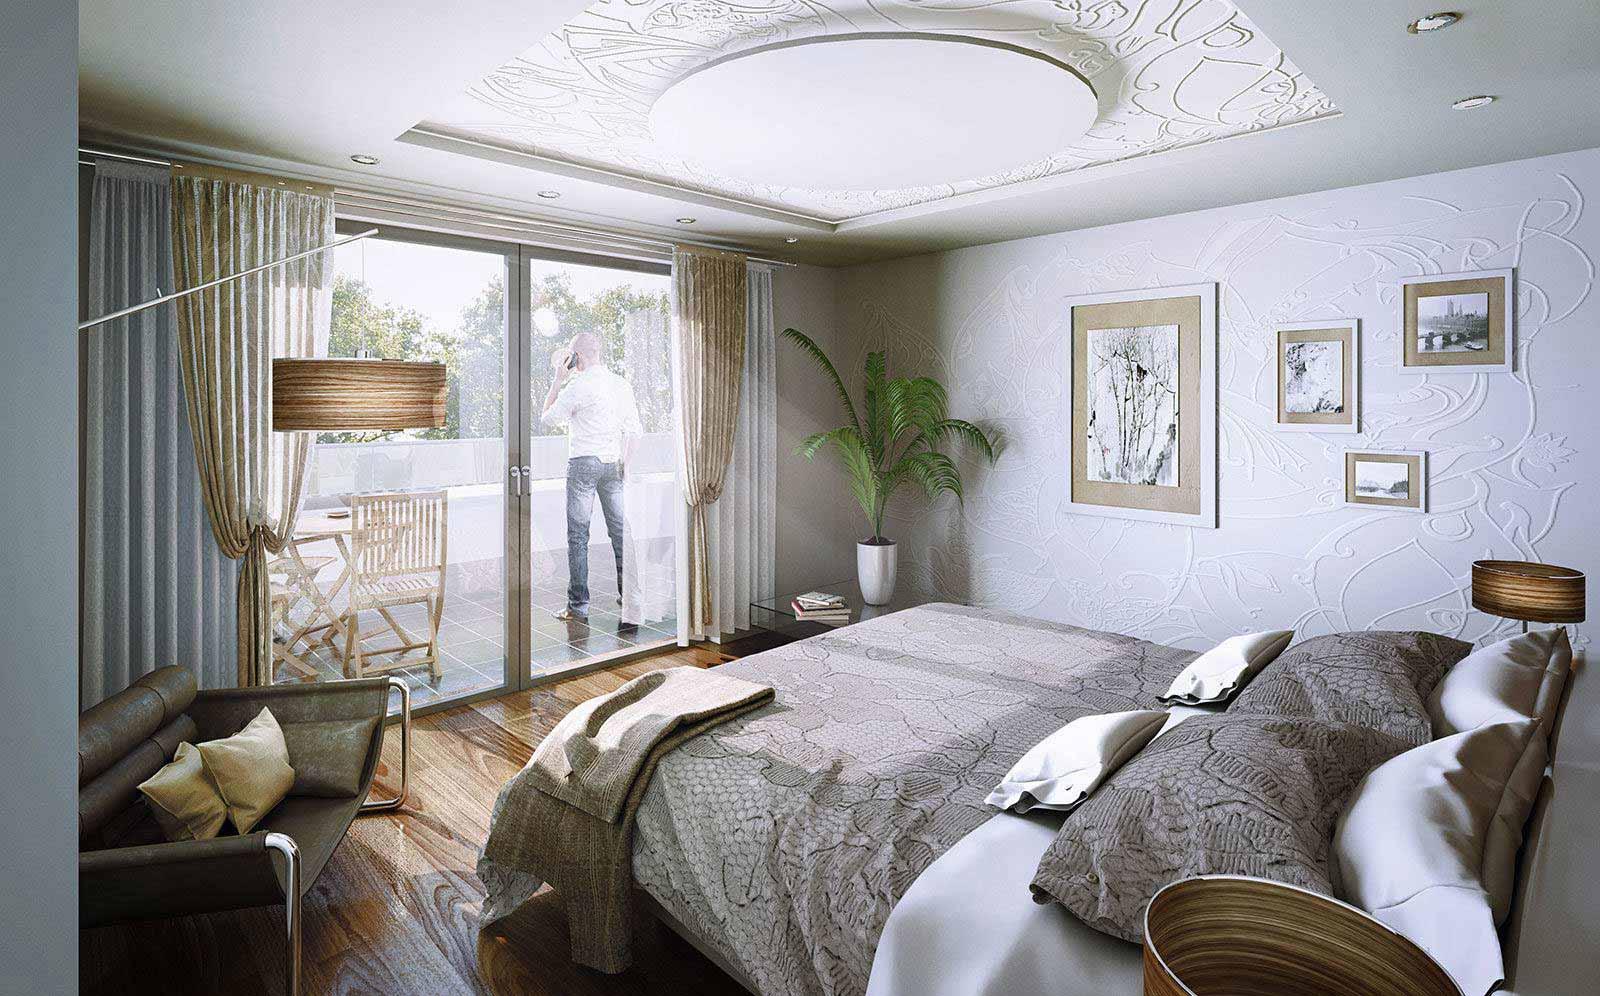 Schlafzimmer Design Variante - Architekturvisualisierung Innenraum